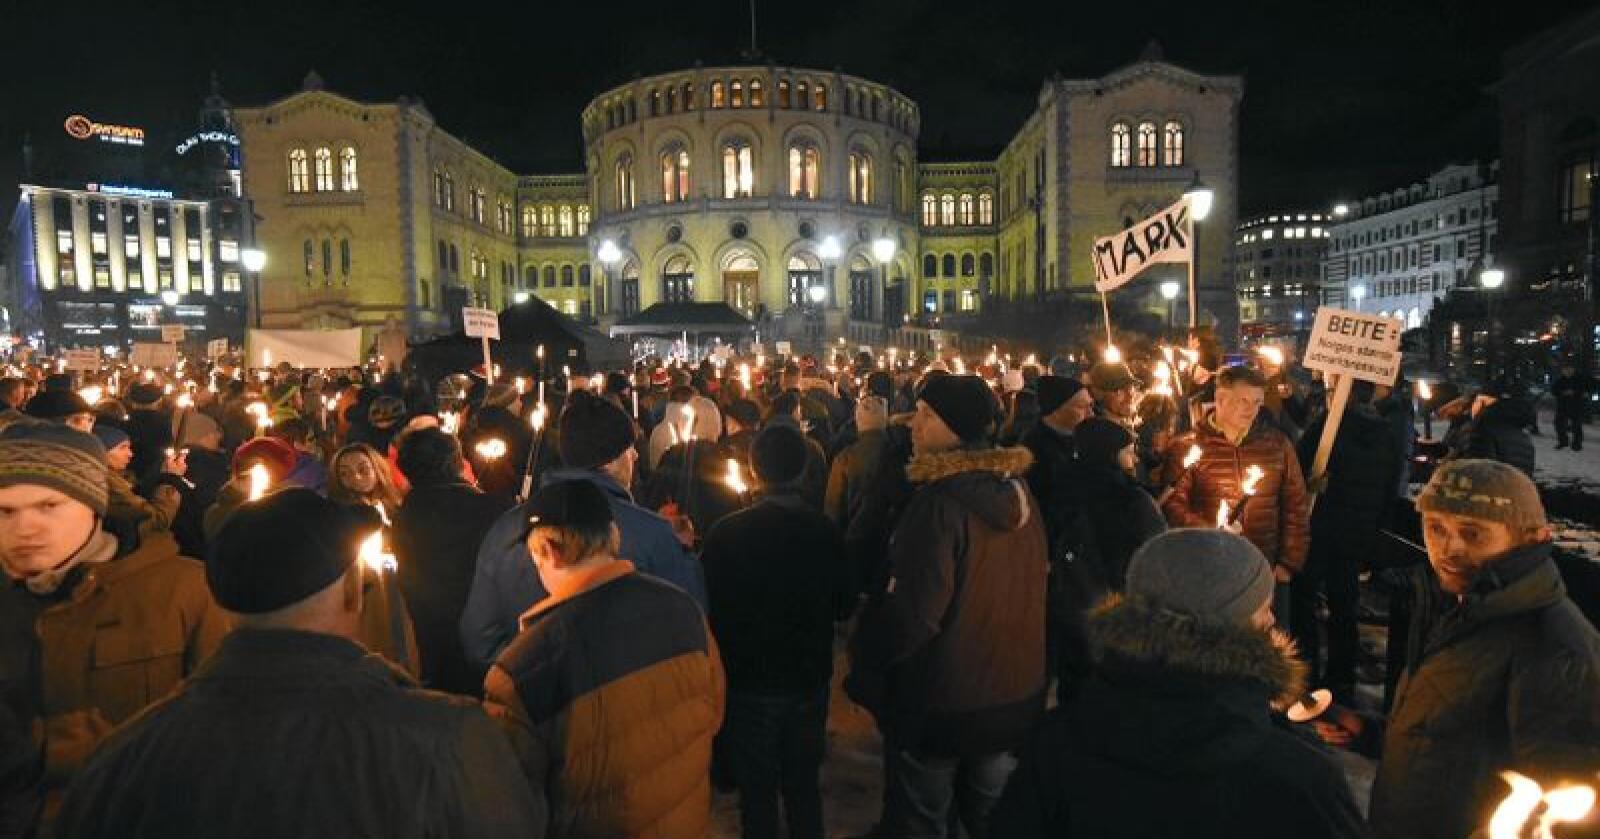 Ulvedemonstrasjon utenfor Stortinget tirsdag kveld. Foto: Vidar Sandnes